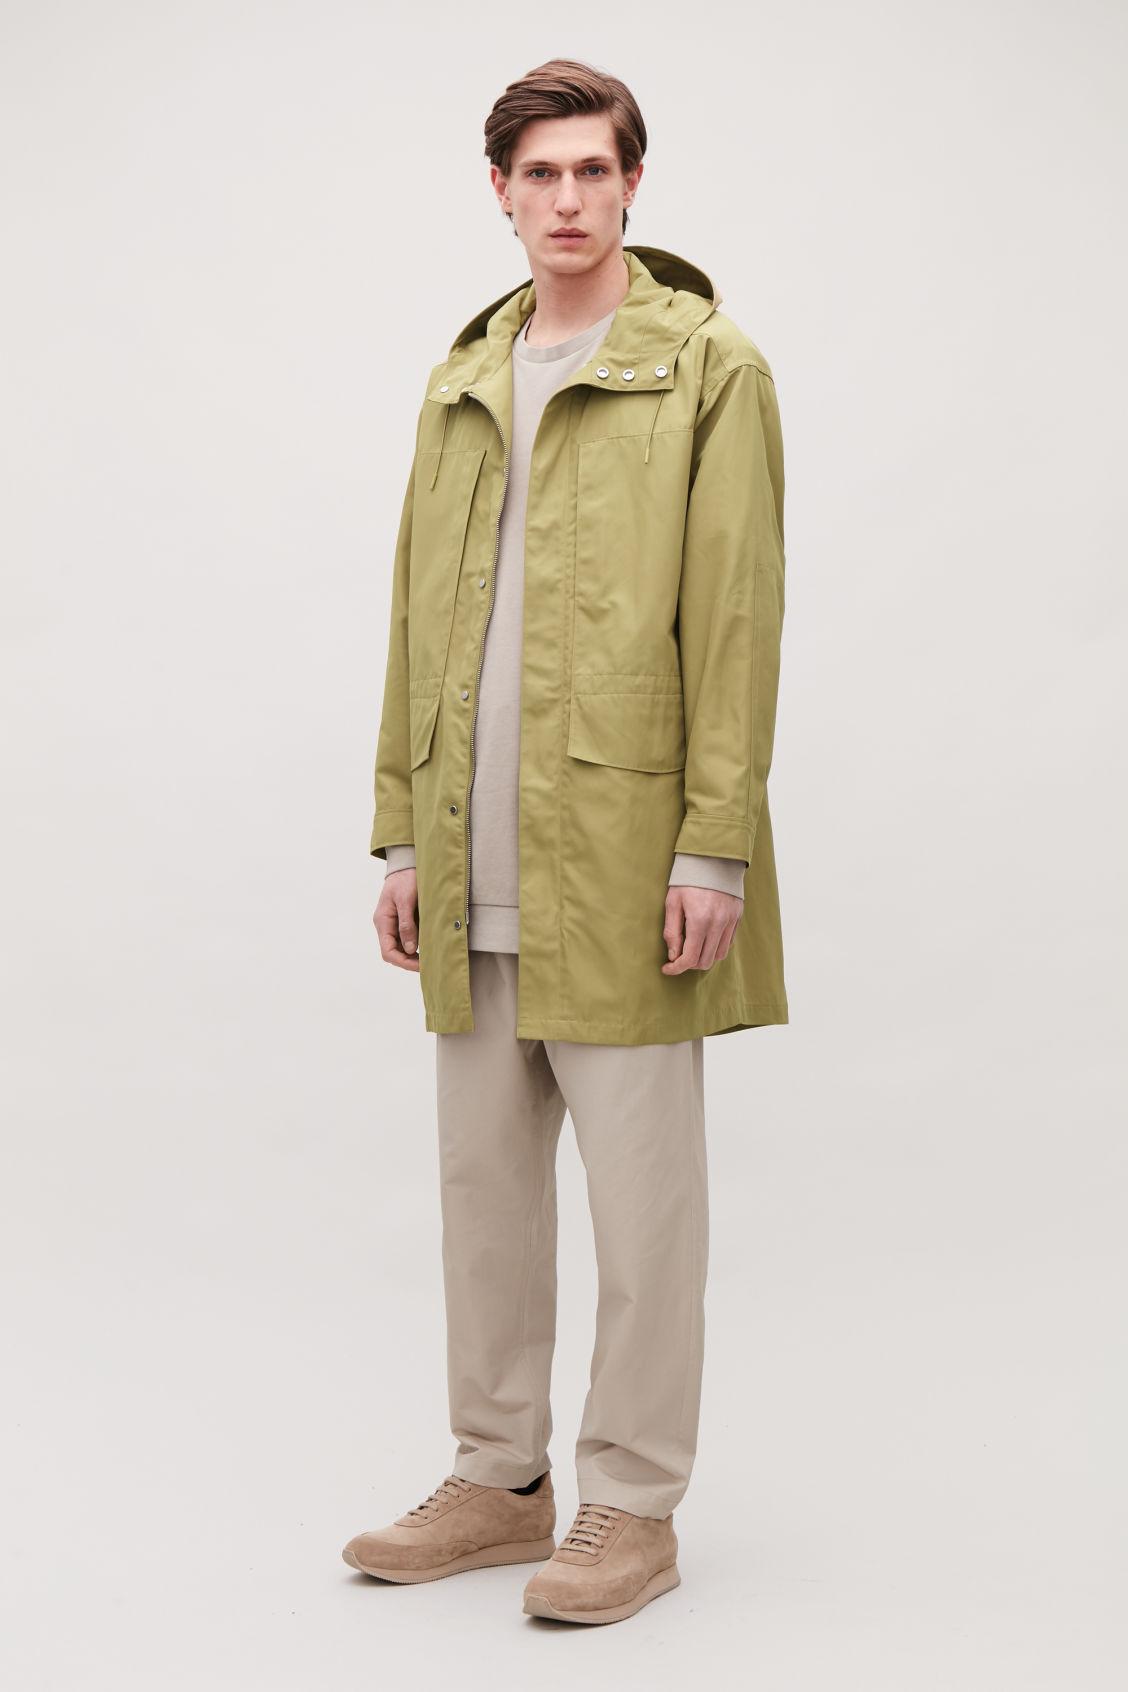 COS(コス) メンズジャケット